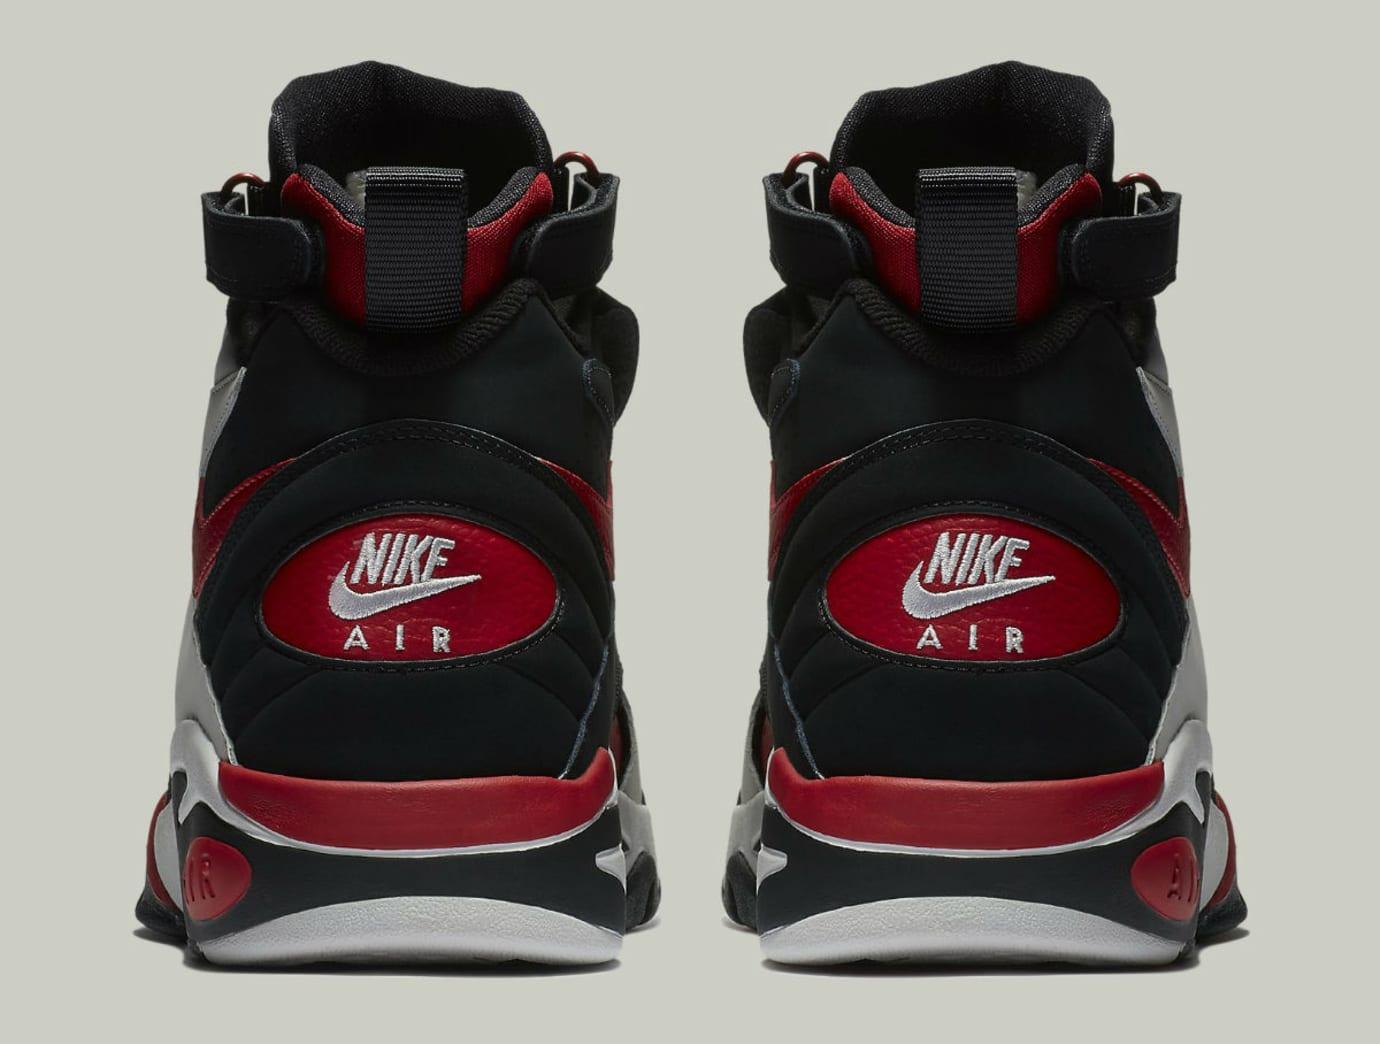 Nike Air Maestro 2 II LTD Black Vast Grey Gym Red Release Date AH8511-002 Heel